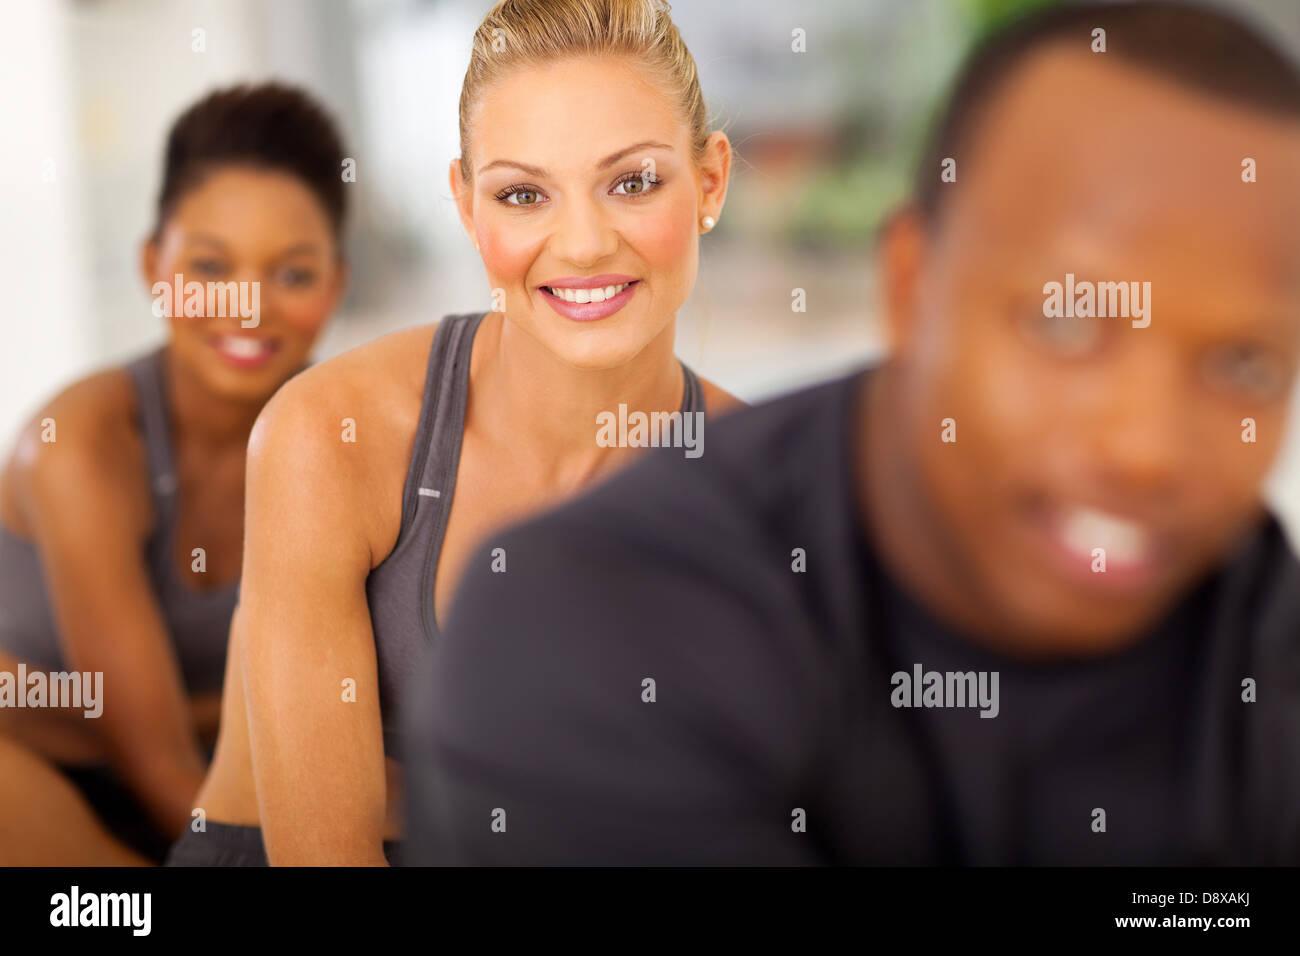 Heureux les gens de remise en forme en classe faire de l'exercice aérobie Photo Stock